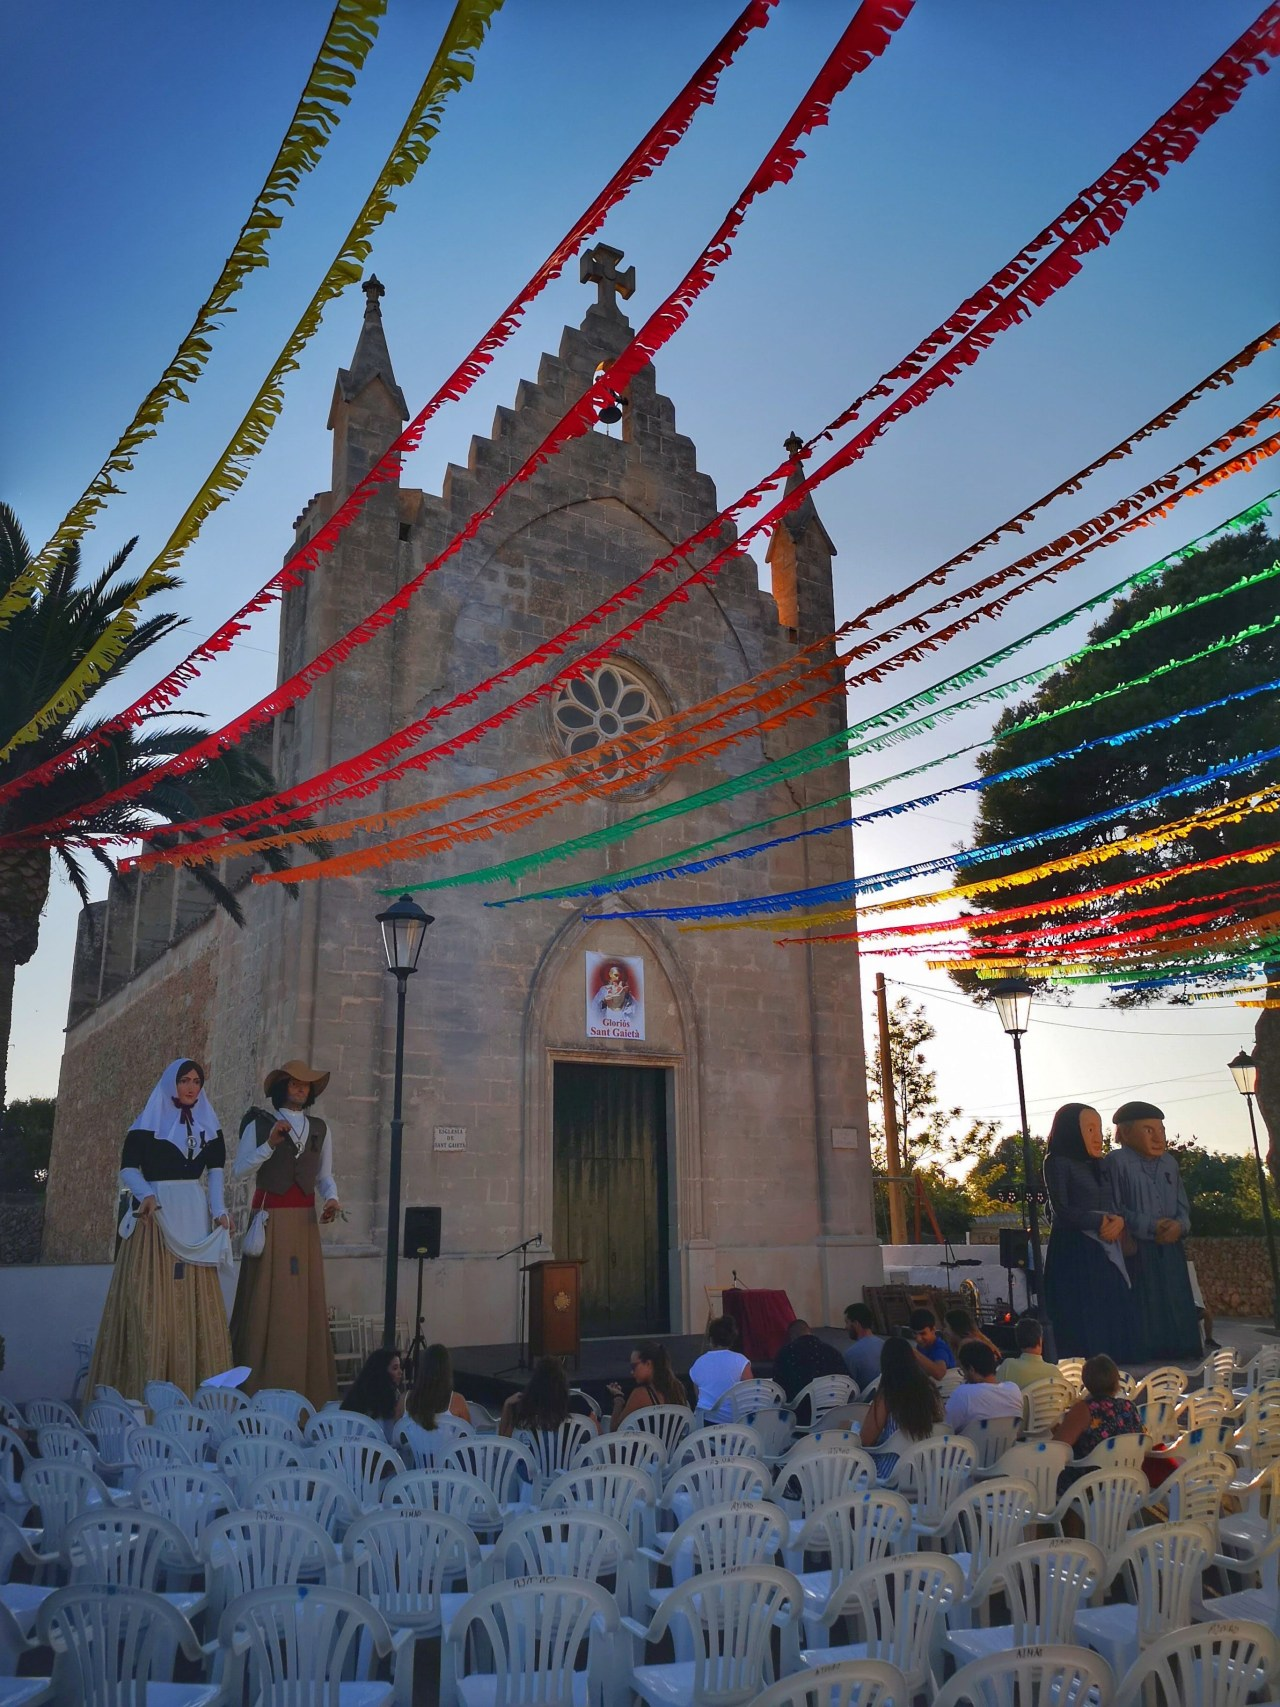 Llucmacanes village - summer fiesta